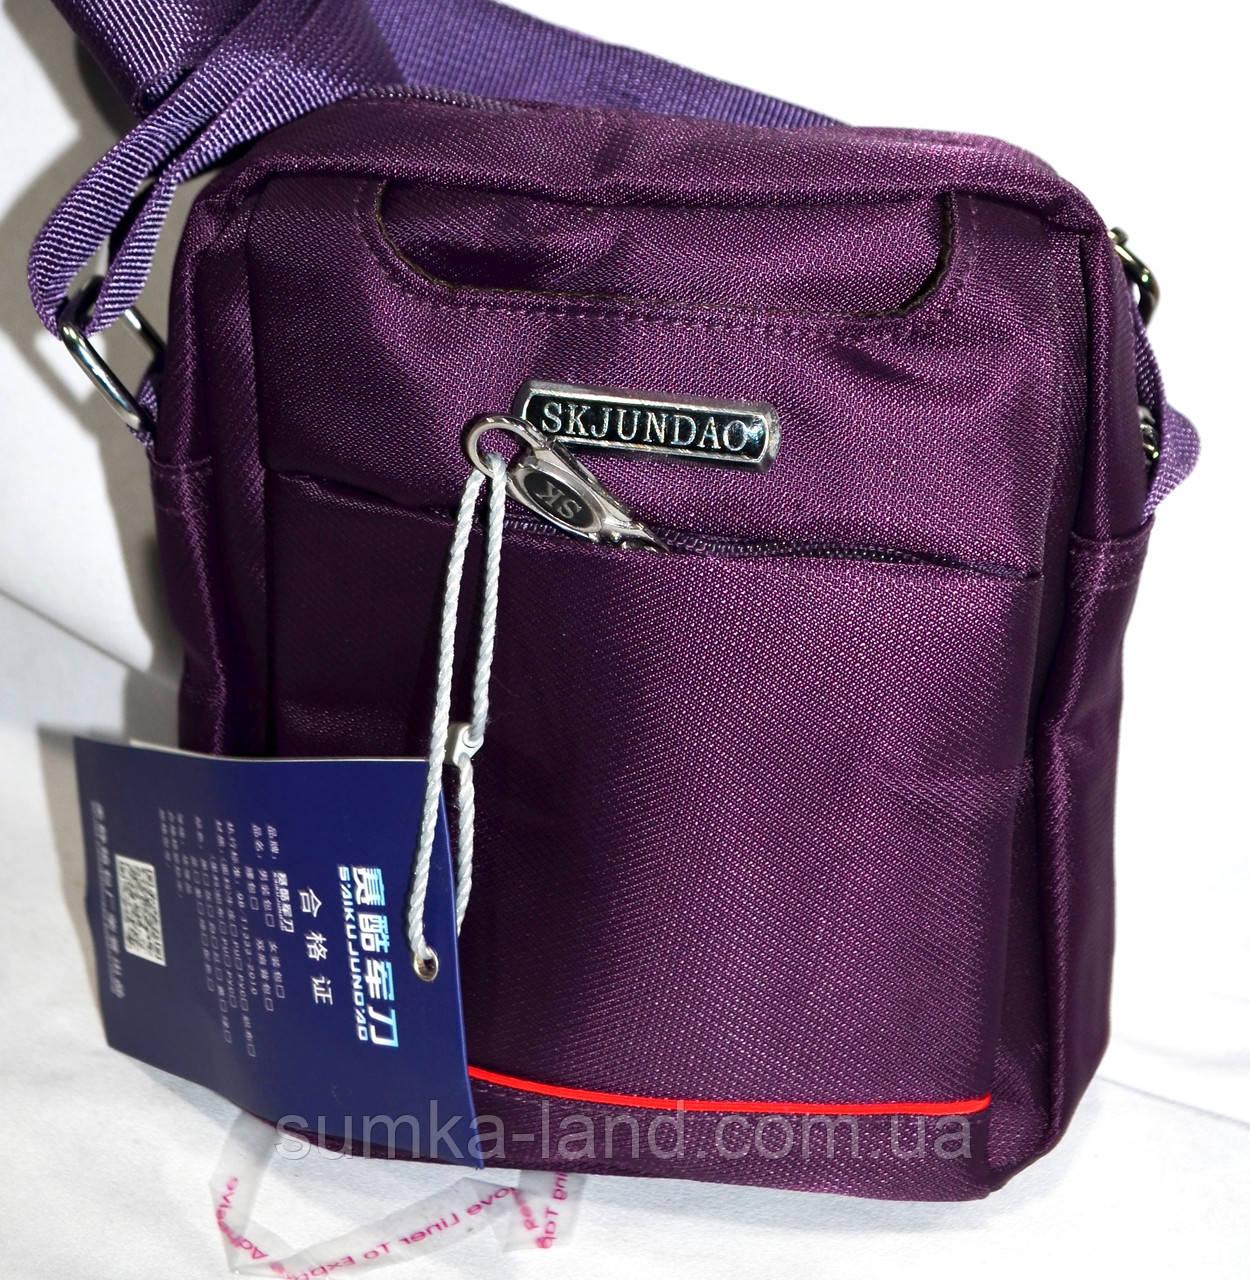 Мужская барсетка текстильная через плечо 15*19 см (фиолетовый)